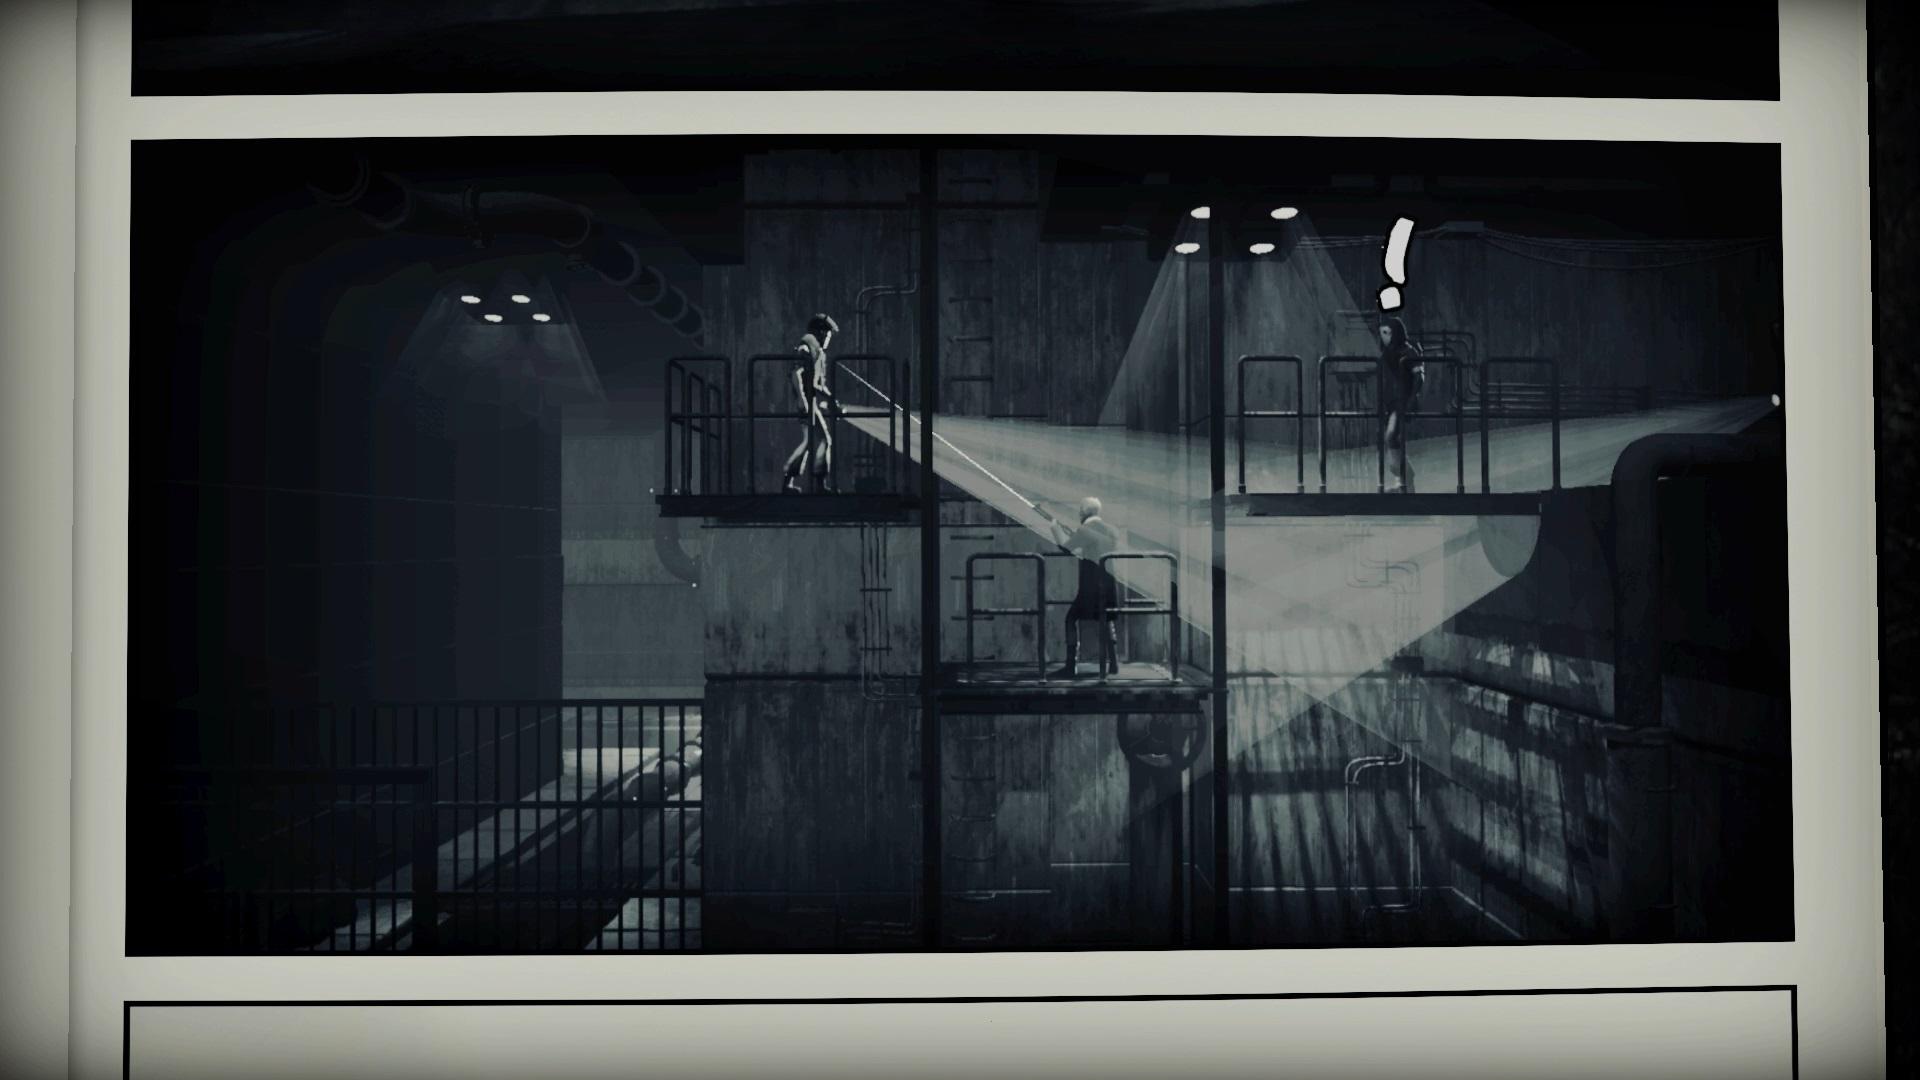 Liberated_Nintendo_Switch_Screenshot_07